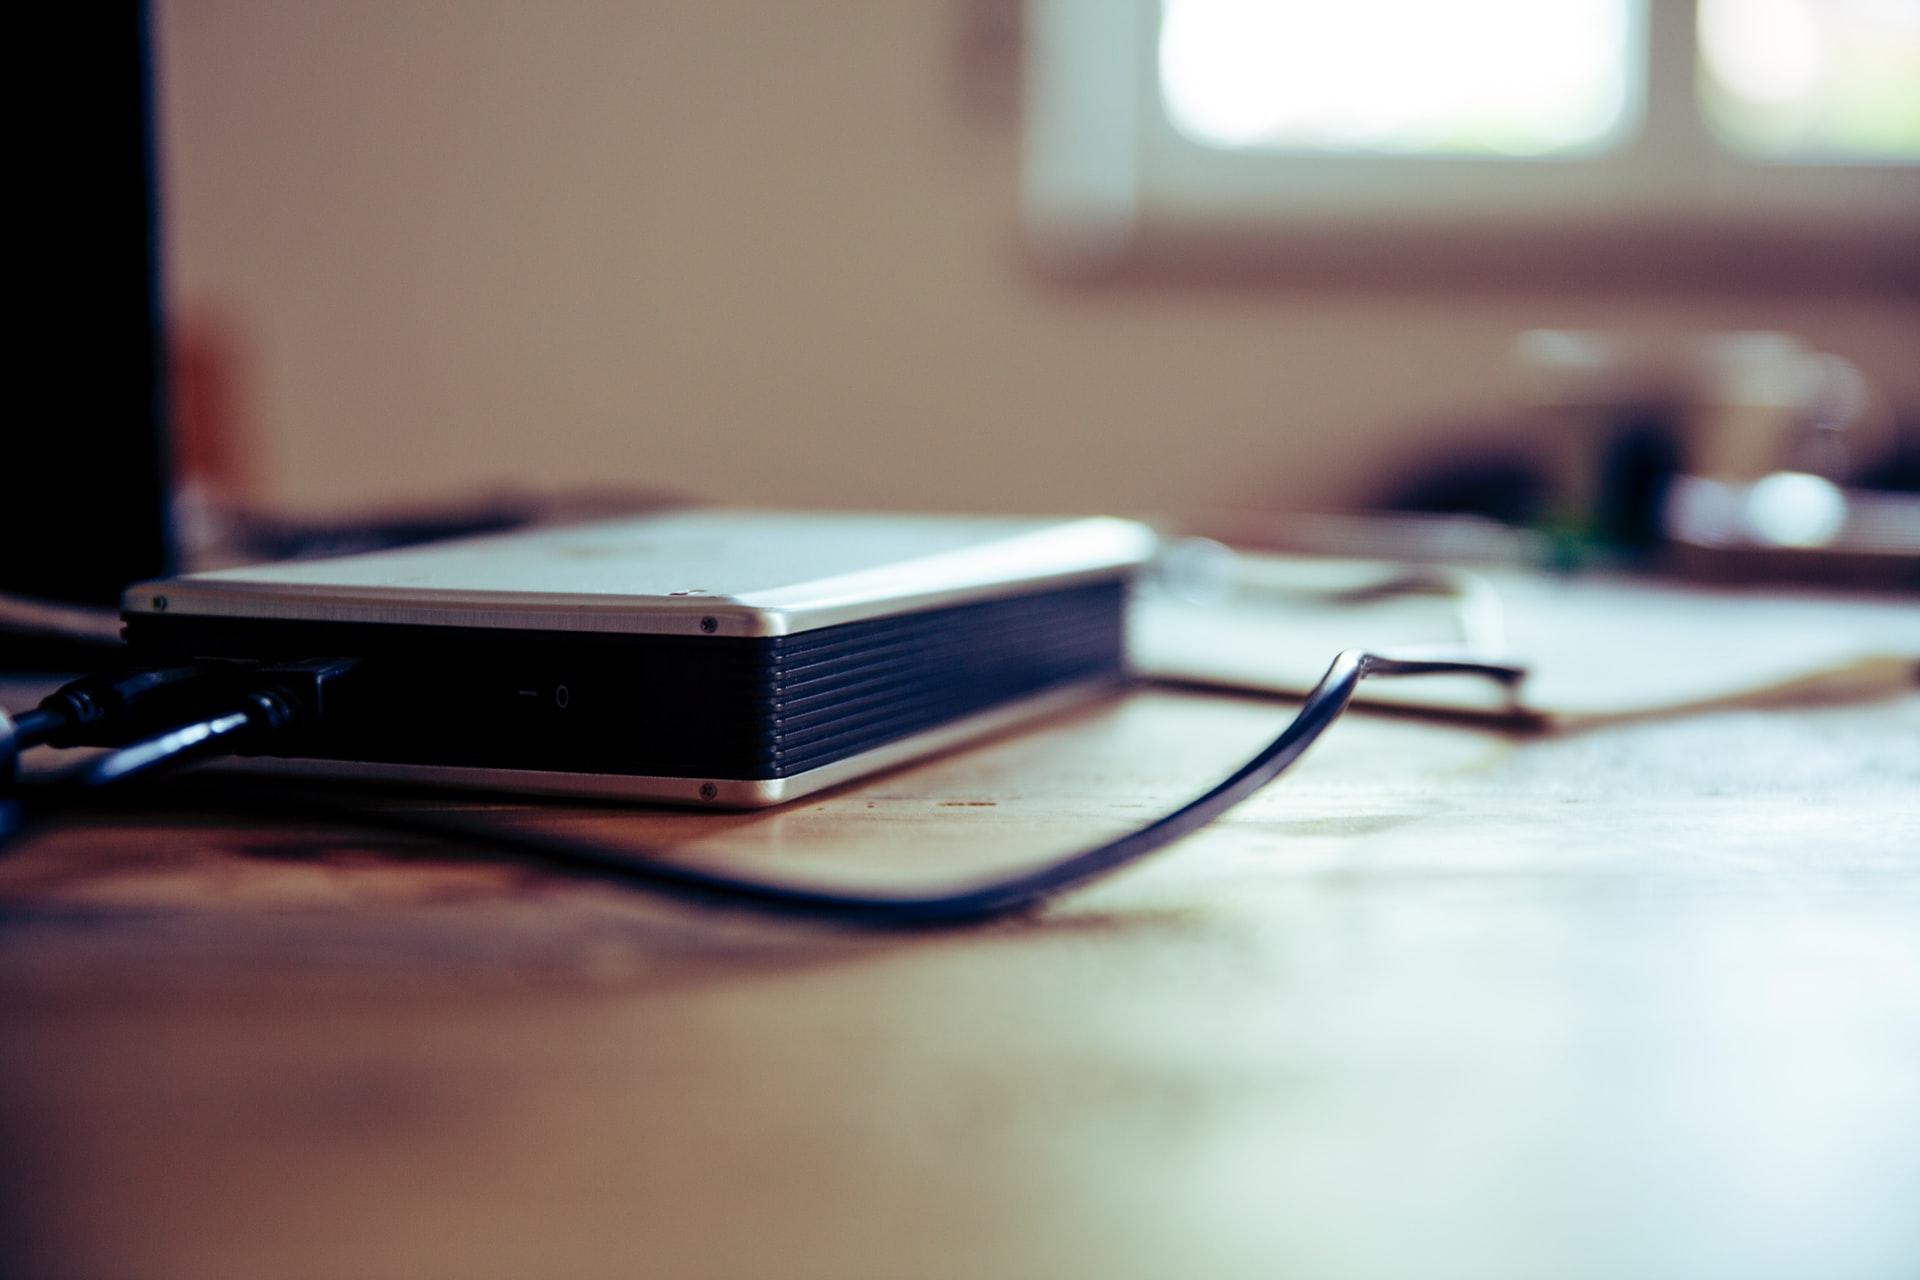 外付けハードディスクに保存する方法